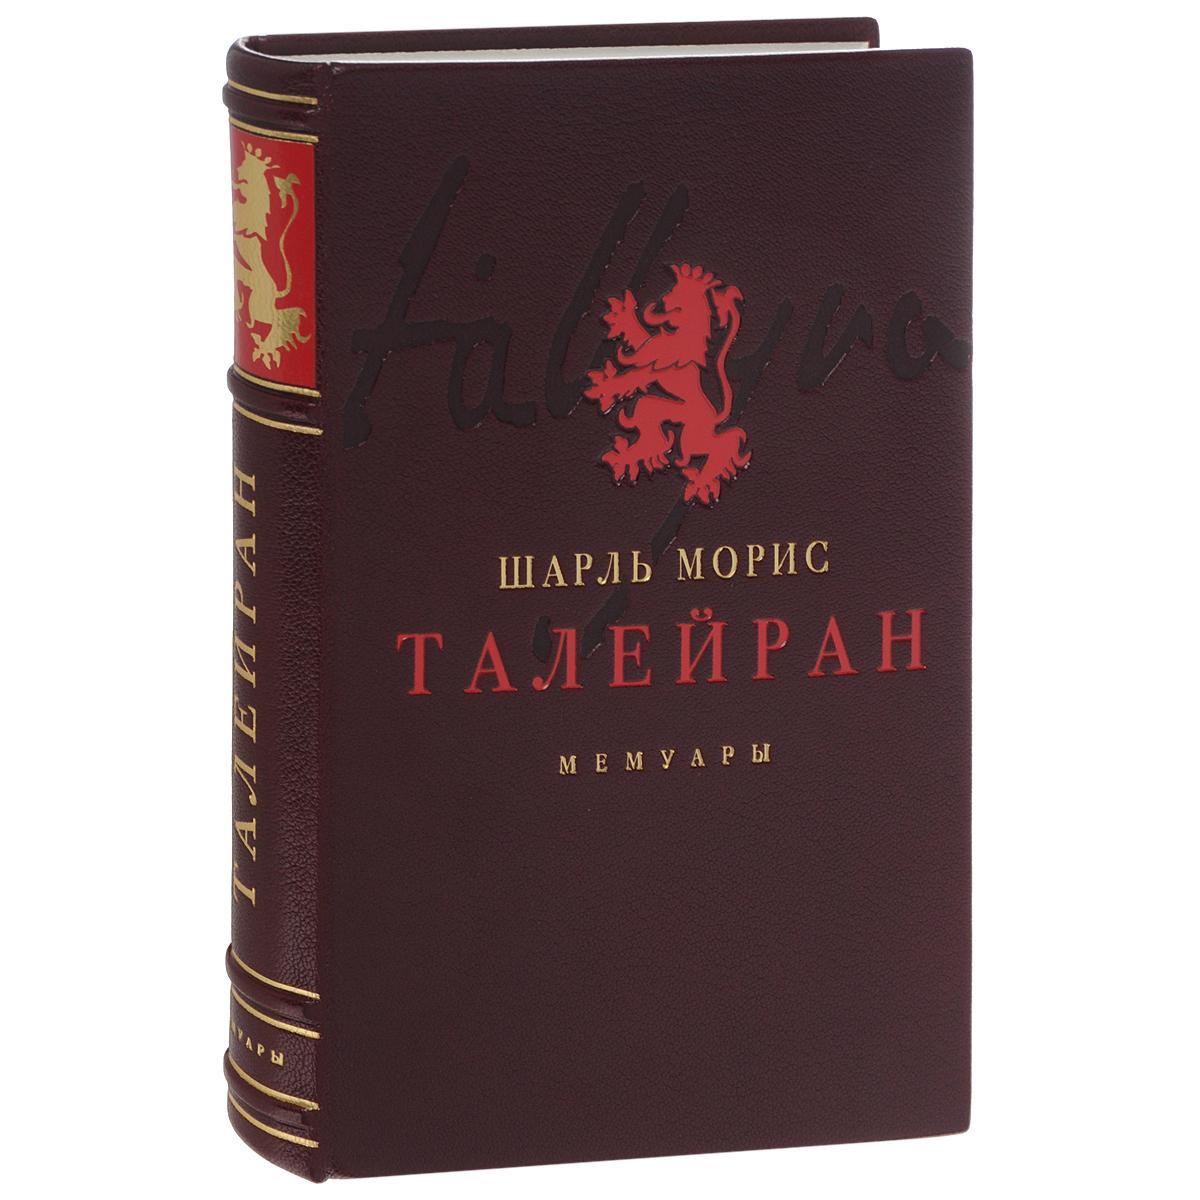 Шарль Морис де Талейран-Перигор. Мемуары (подарочное издание)